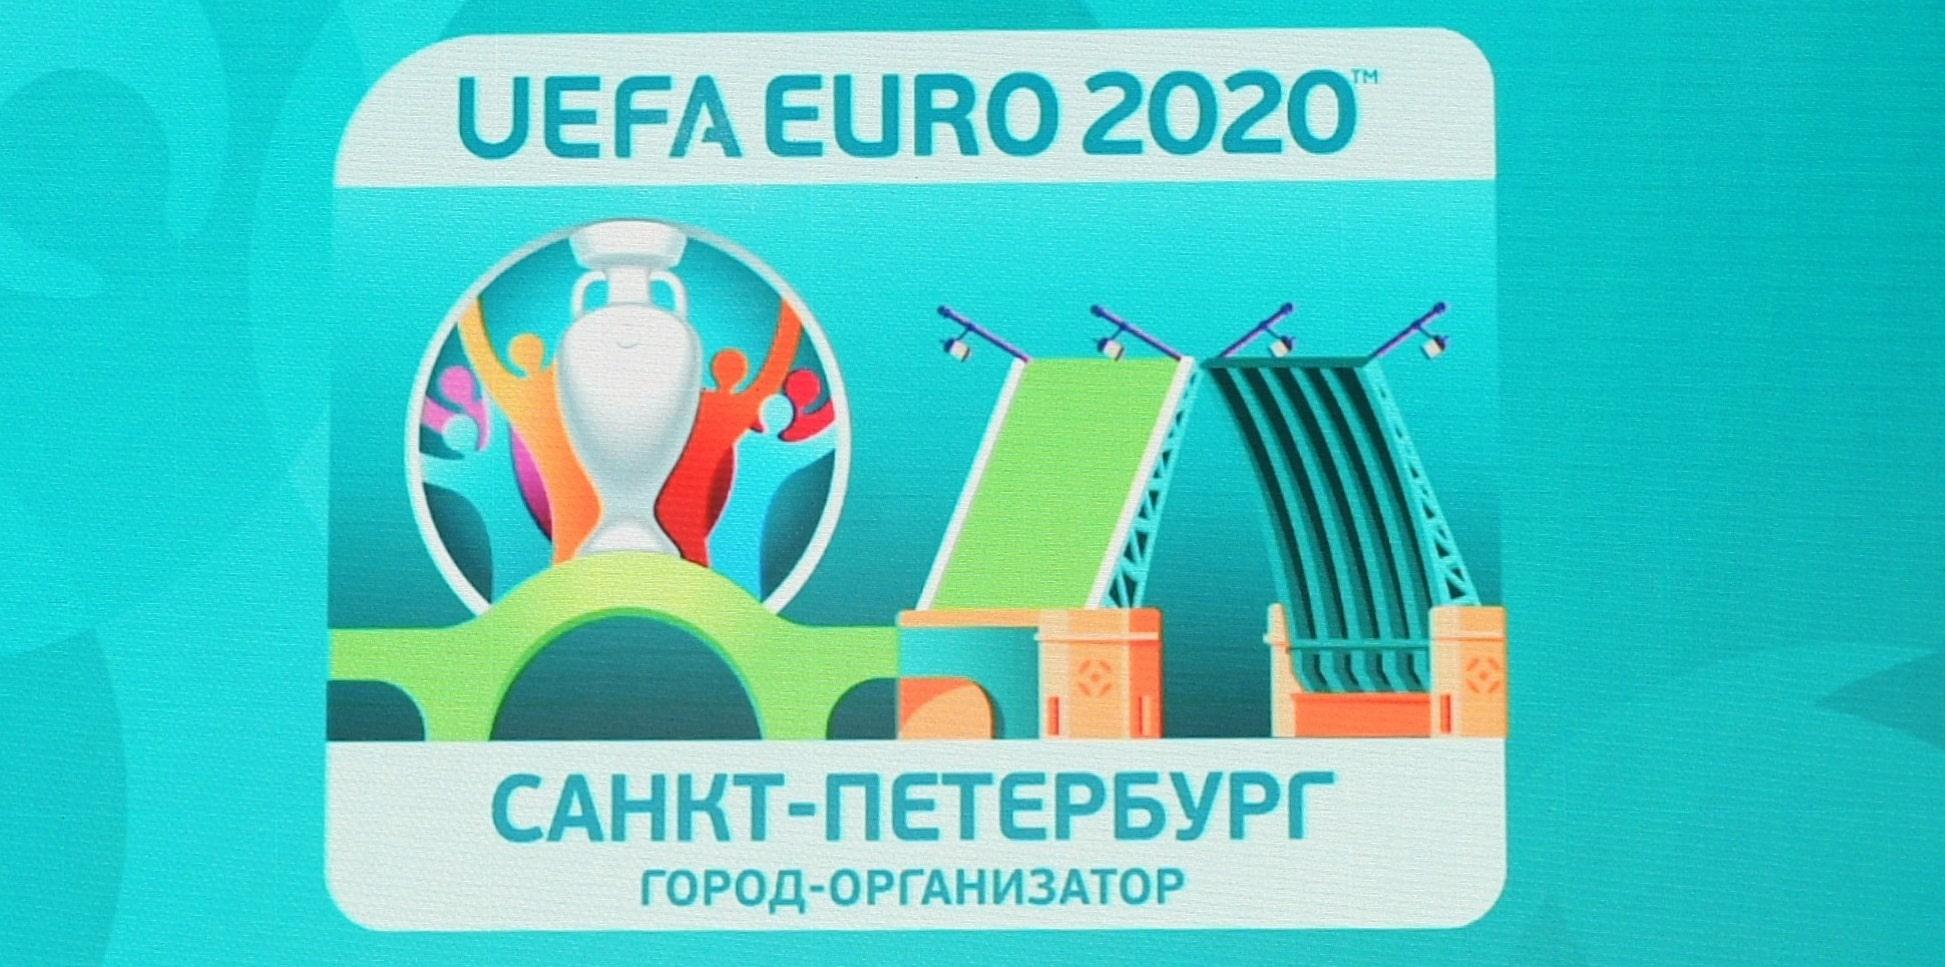 Беглов: Петербург полностью готов к матчам чемпионата Европы - фото